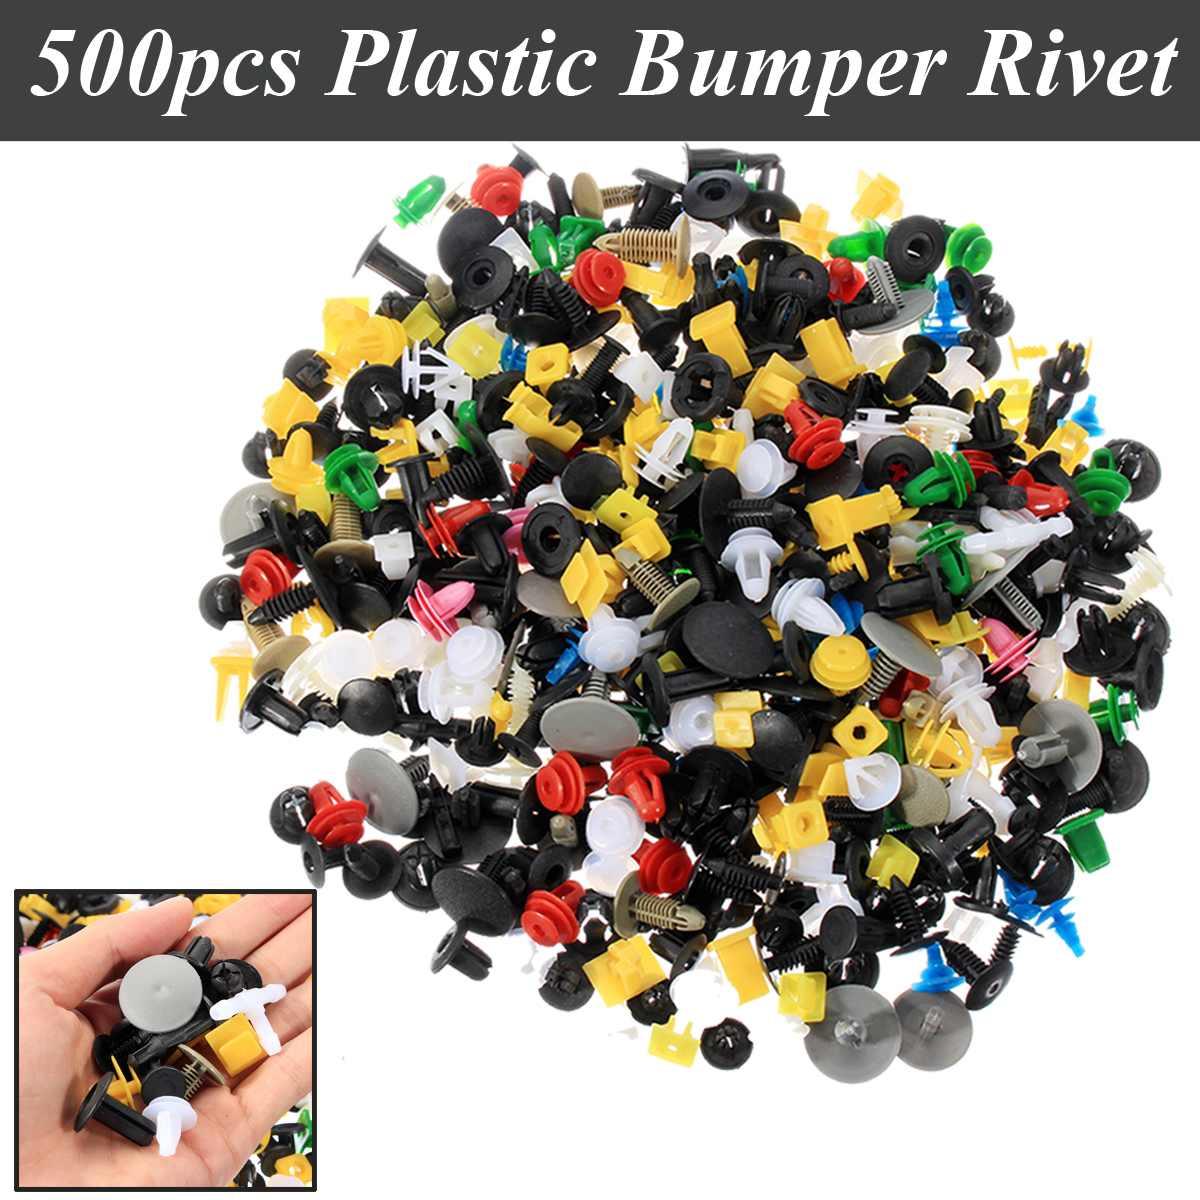 500Pcs Universal Mixed Auto Fastener Car Plastic Bumper Clips Retainer Push Pins Car Fastener Rivet Door Panel Liner for All Car